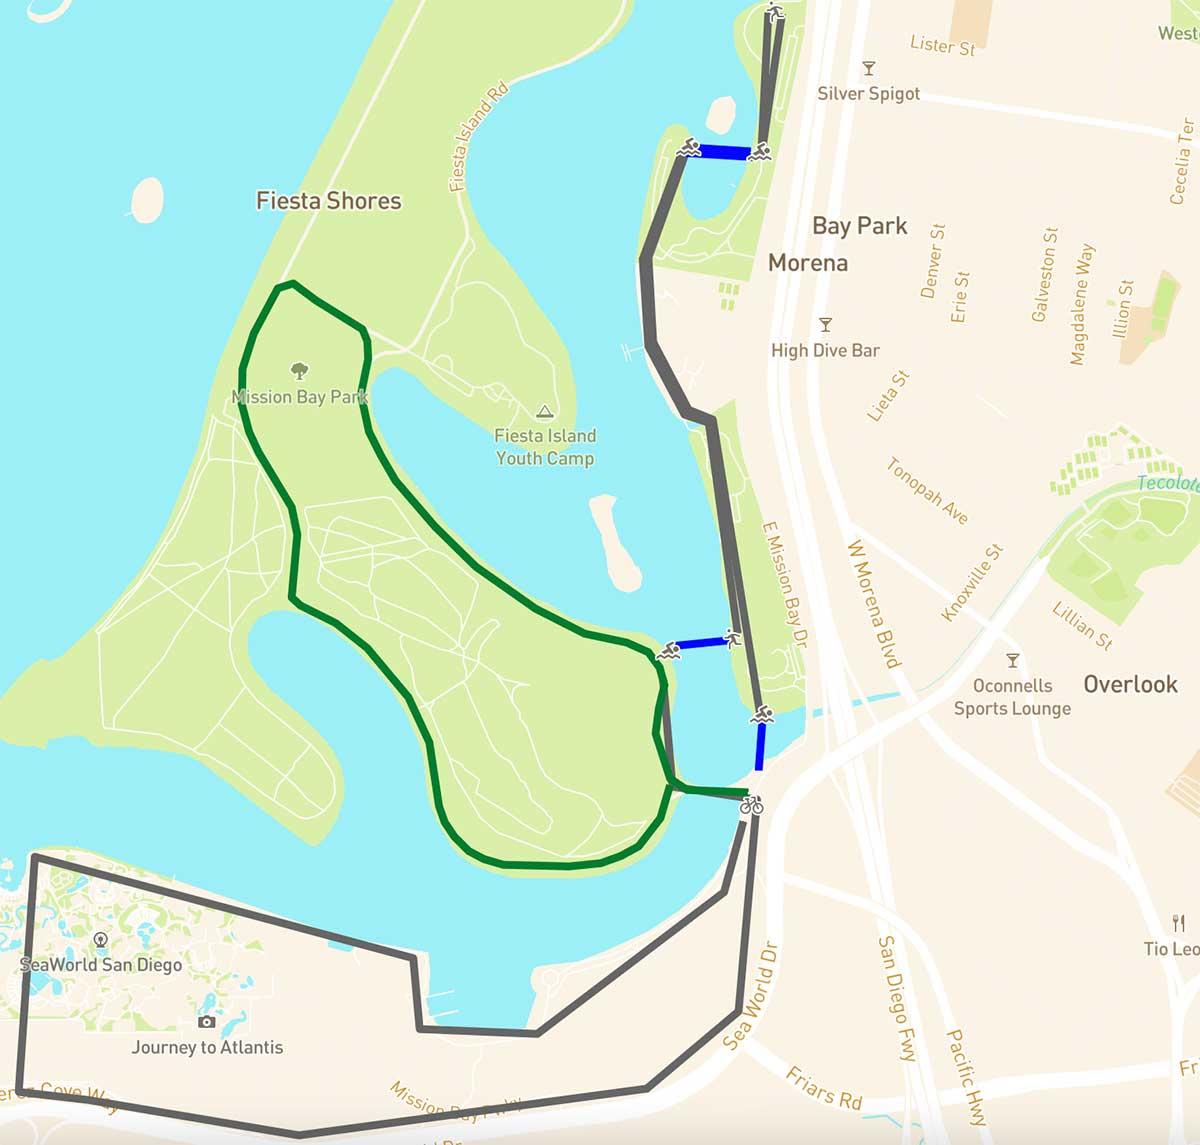 Streckenführung des ersten Triathlons